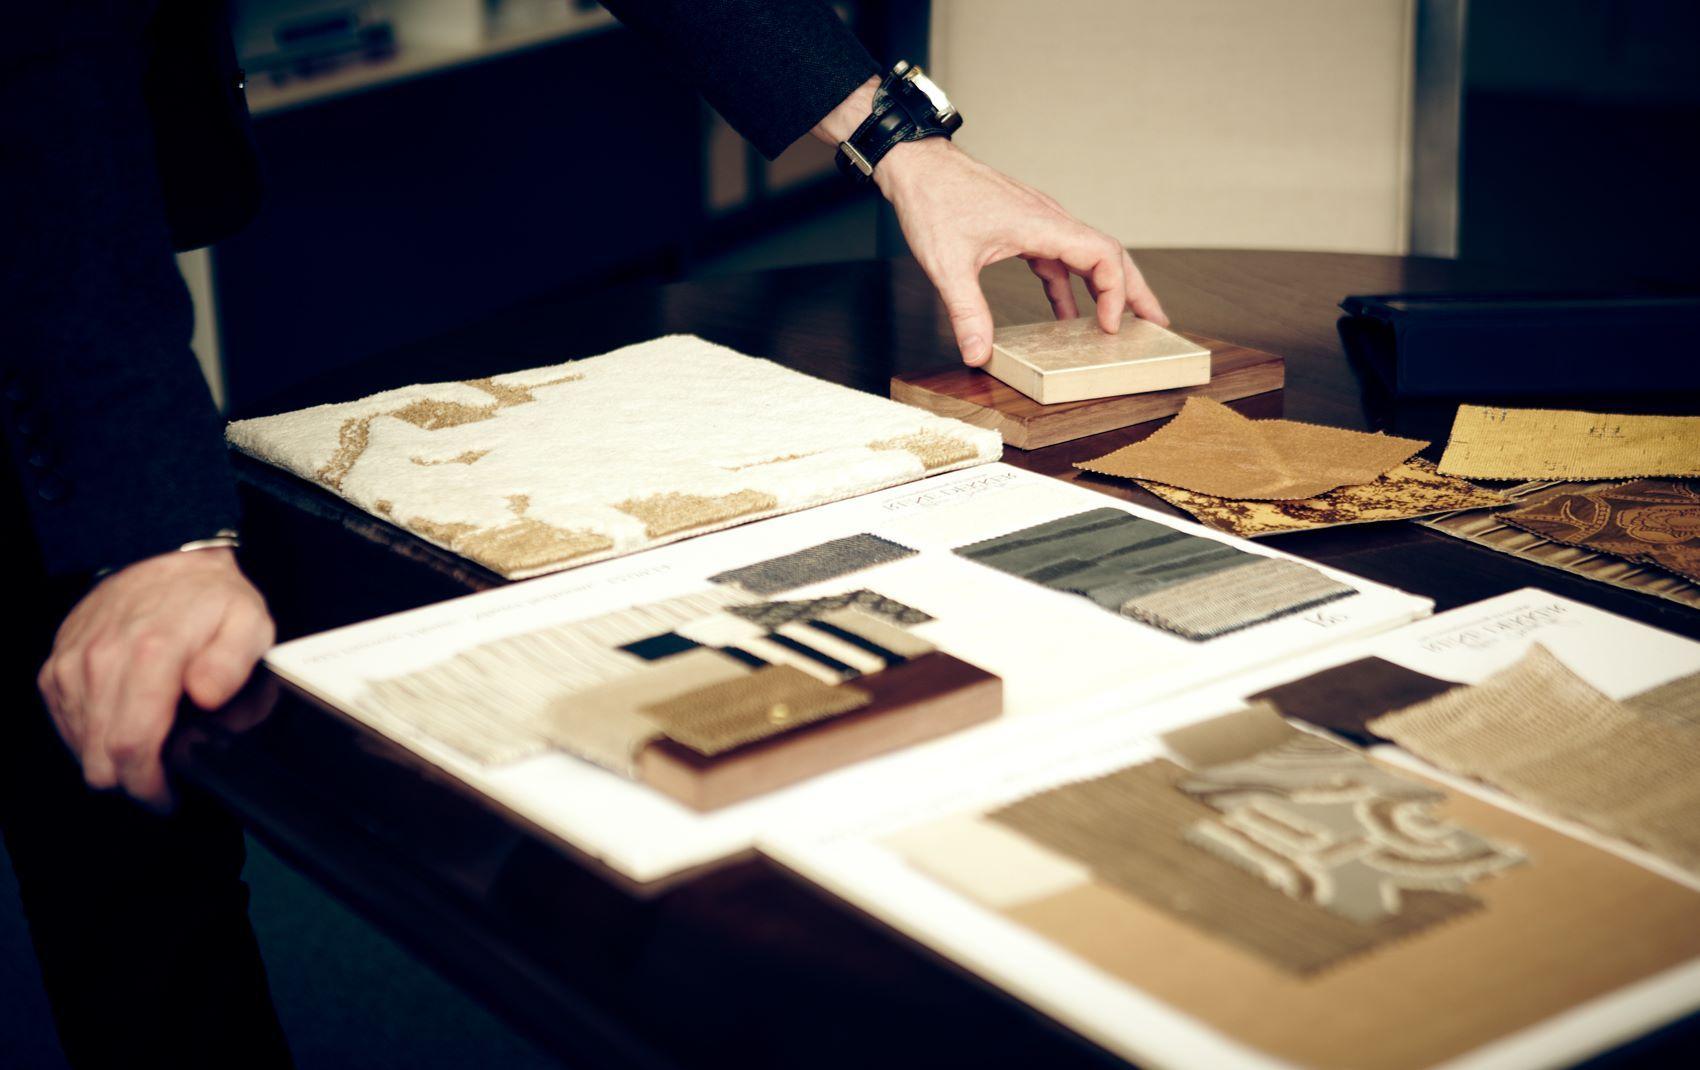 Interior Design Firm in London Ren Dekker